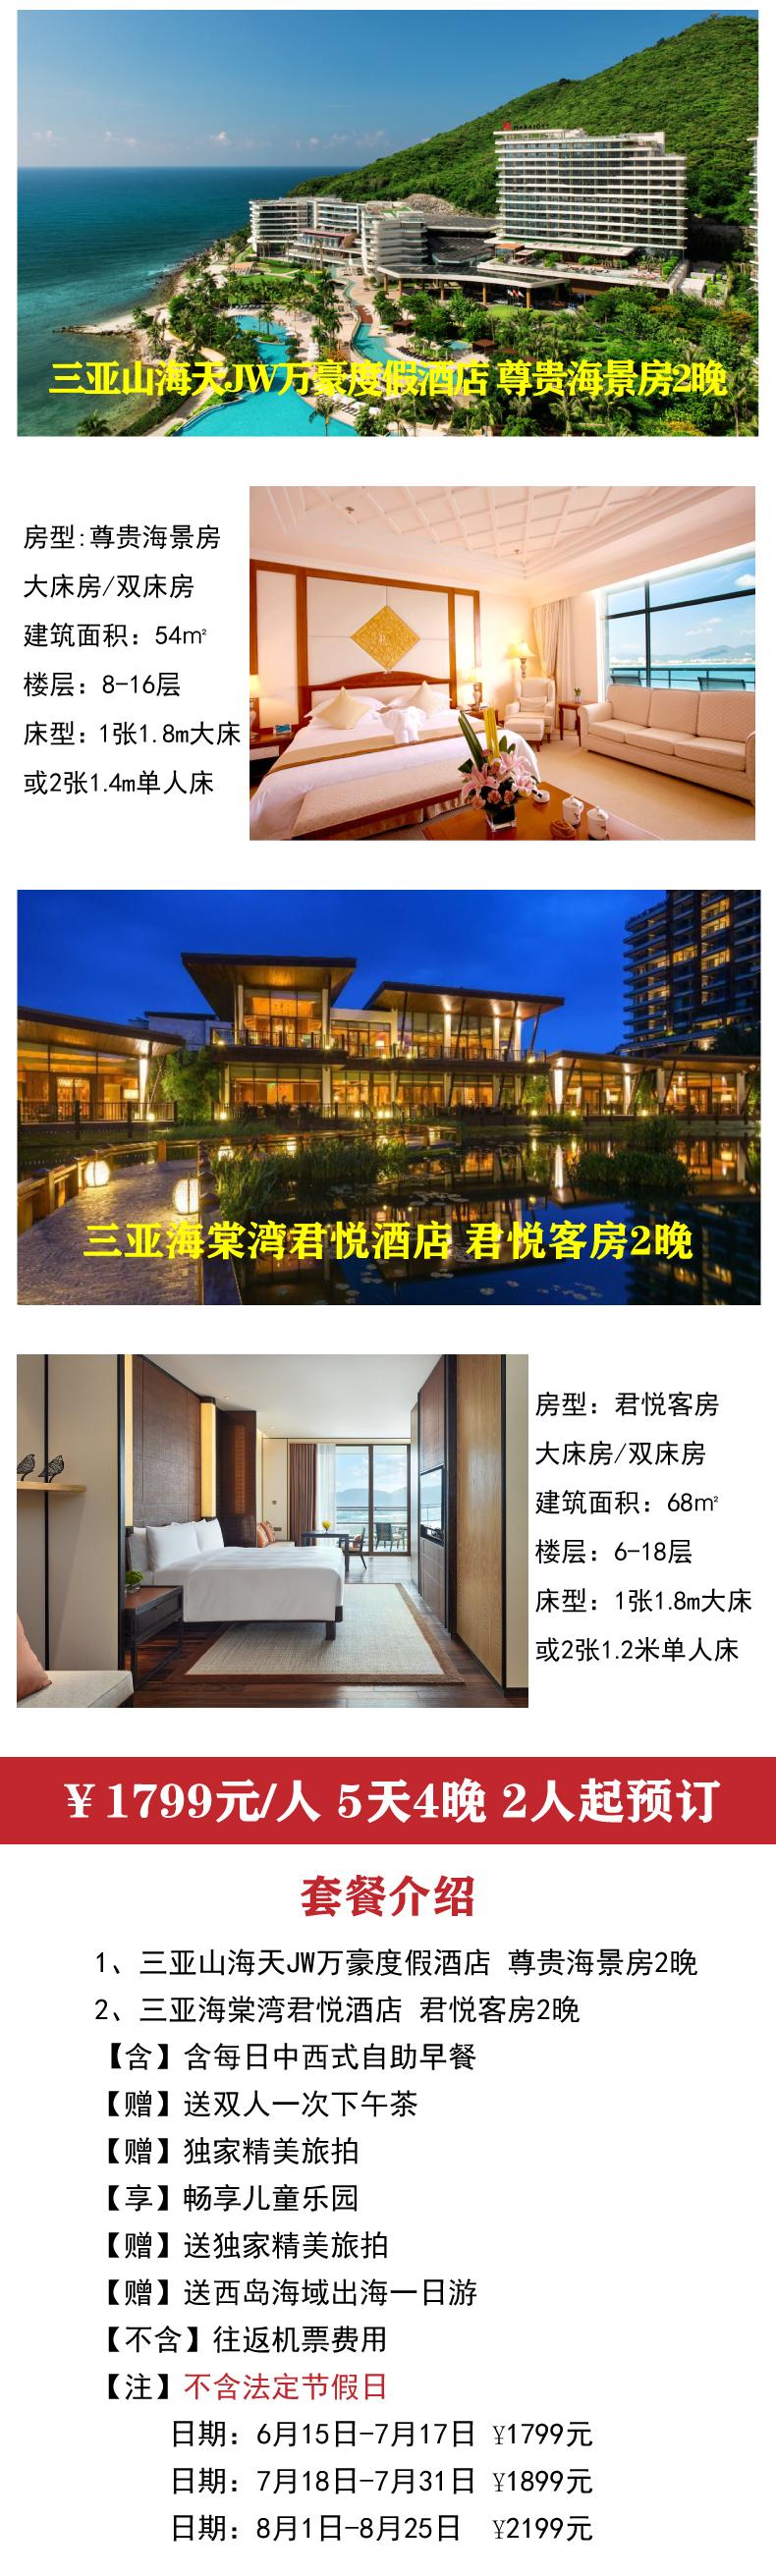 三亚山海天JW万豪度假酒店+三亚海棠湾君悦酒店-图文1.jpg